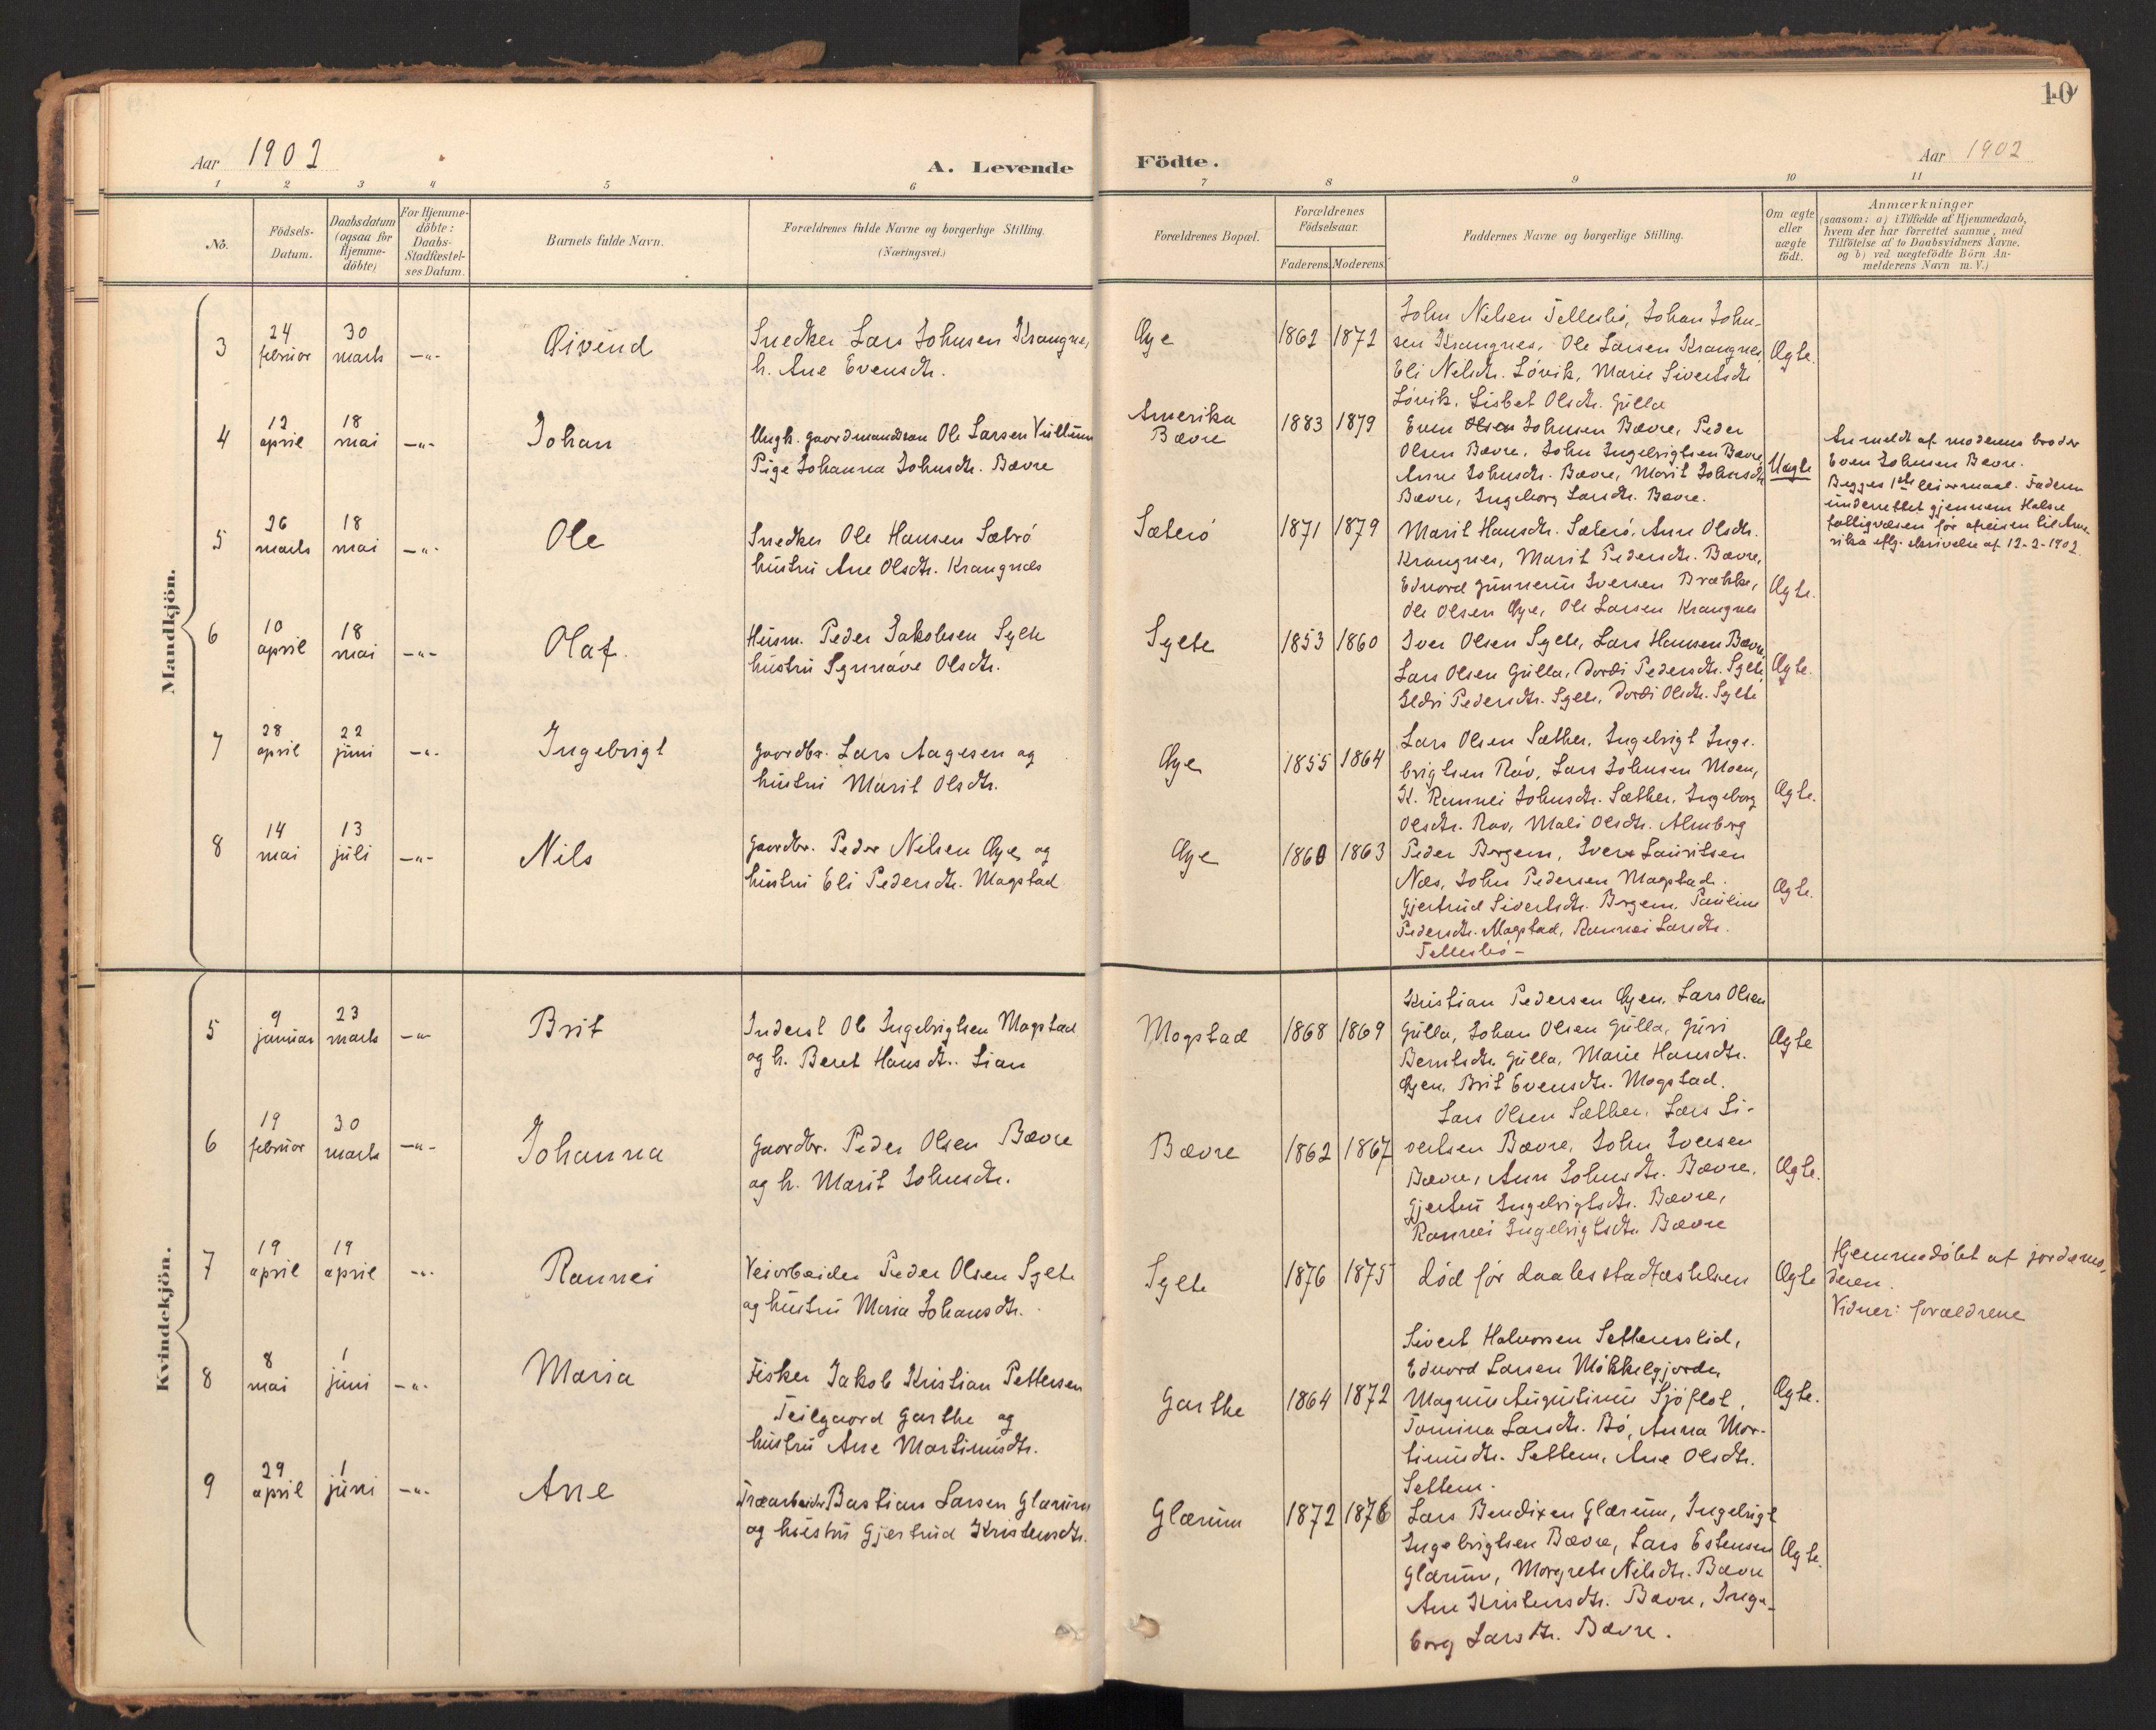 SAT, Ministerialprotokoller, klokkerbøker og fødselsregistre - Møre og Romsdal, 595/L1048: Ministerialbok nr. 595A10, 1900-1917, s. 10